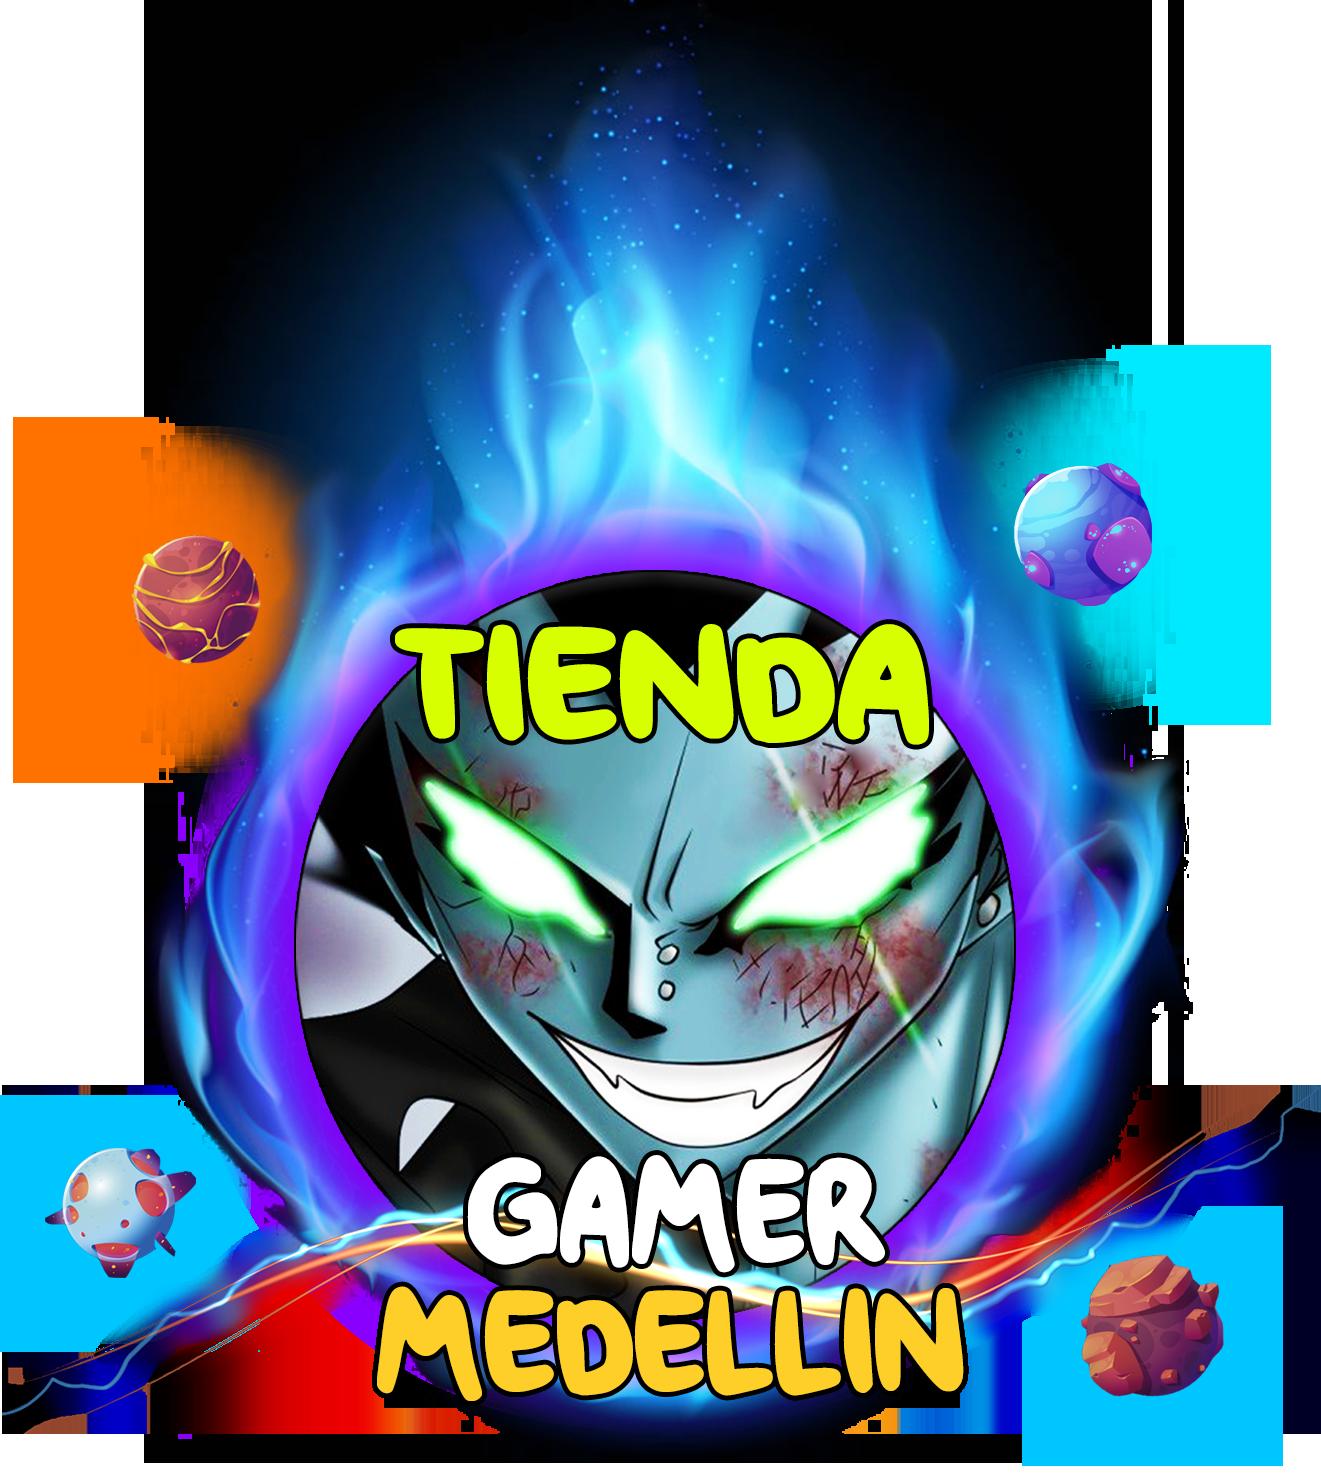 Tienda Gamer Medellin